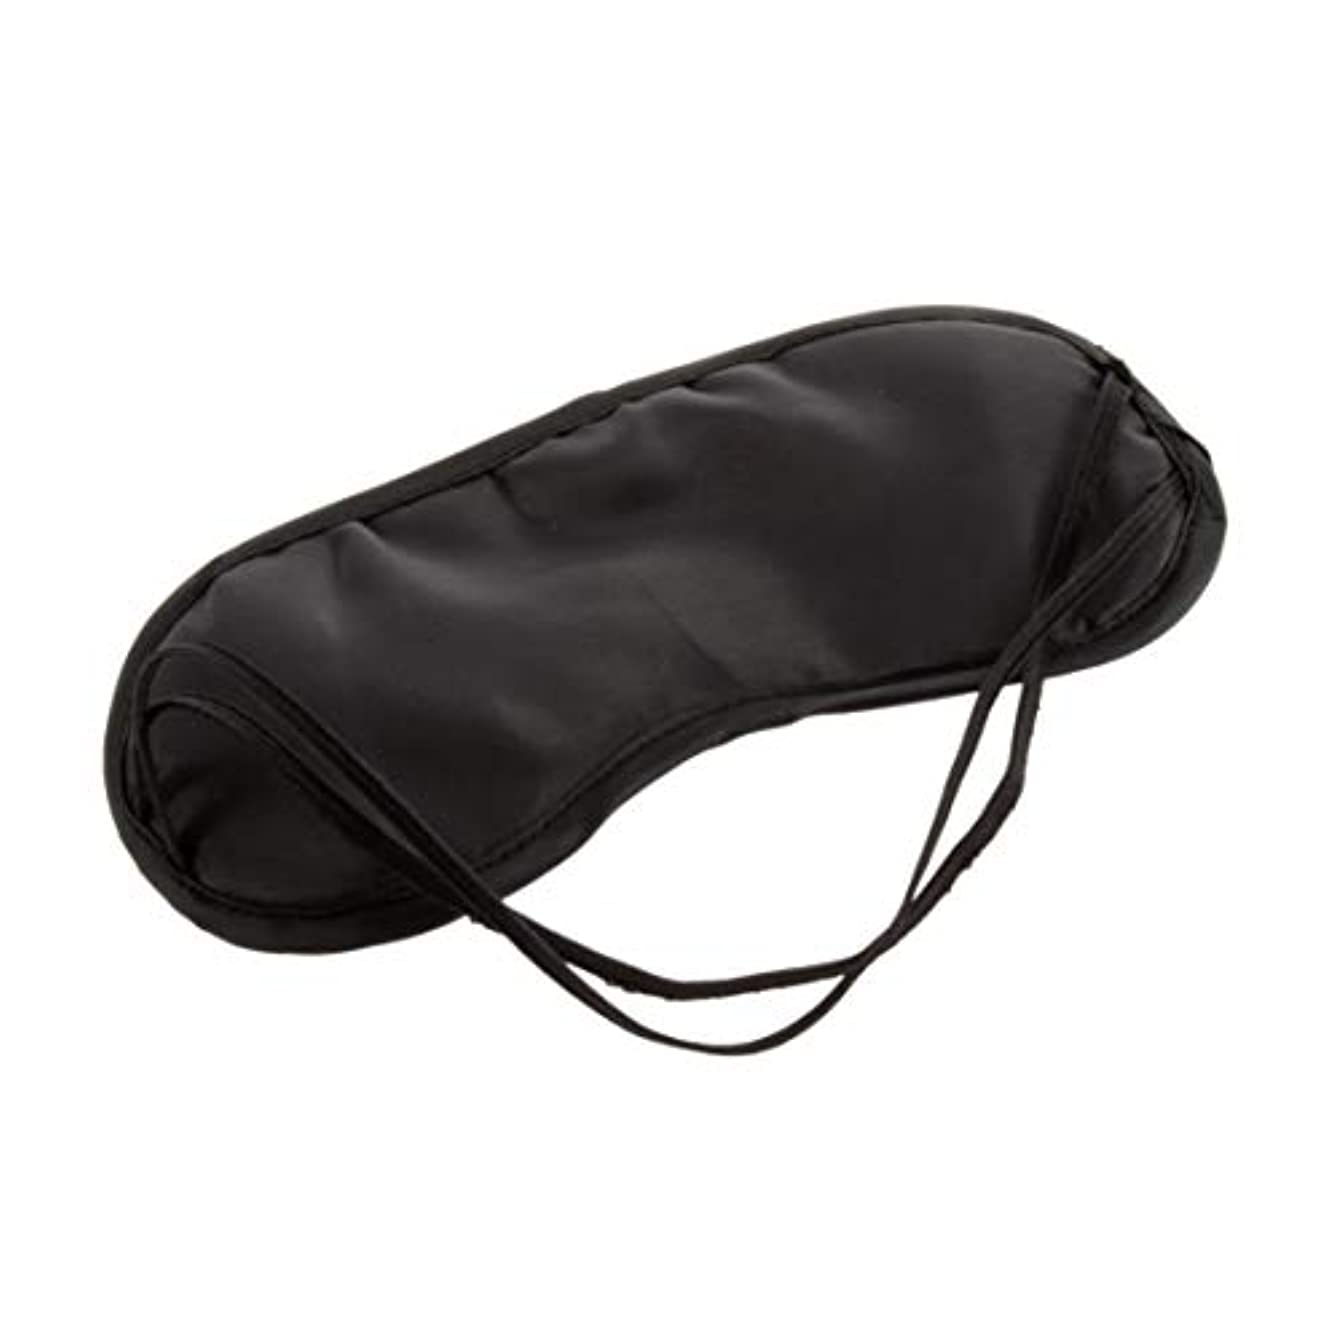 ハム変更シュリンク快適な旅行のための快適なスリーピングマスクファッショナブルなメンズ女性の旅行スリープエイドアイマスクアイパッチ